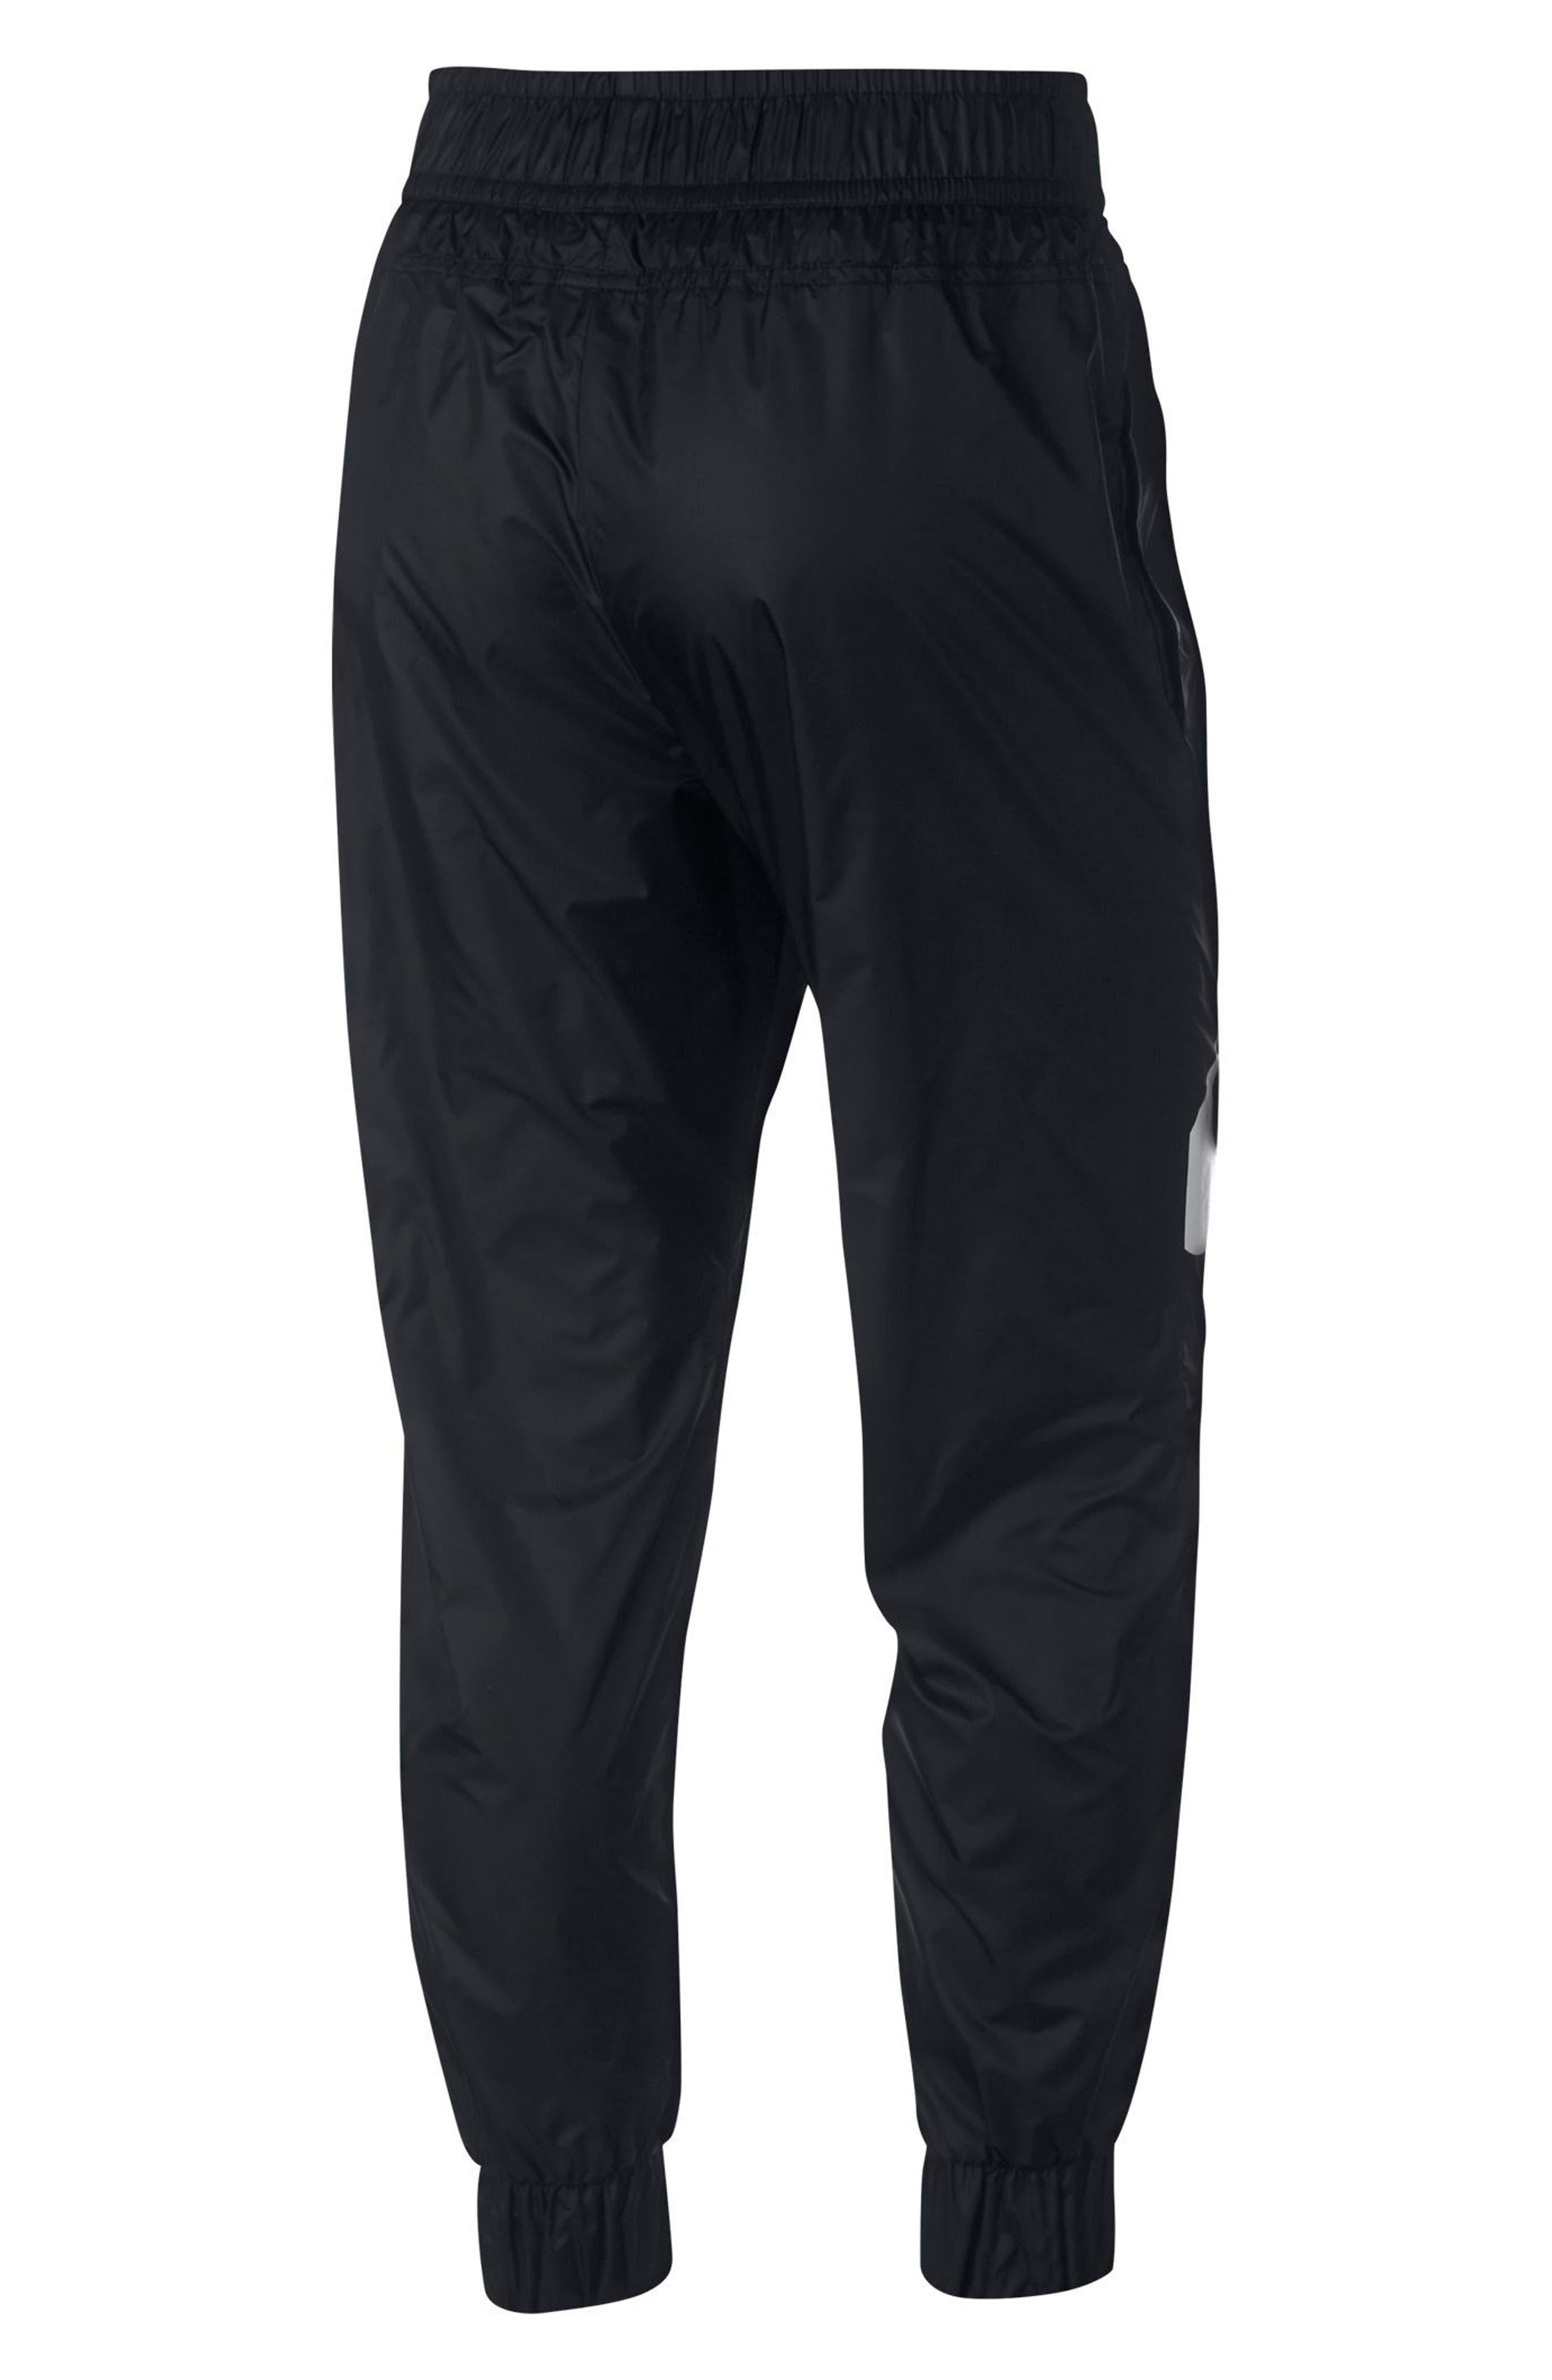 NIKE,                             Sportswear Windrunner Women's Pants,                             Alternate thumbnail 2, color,                             010